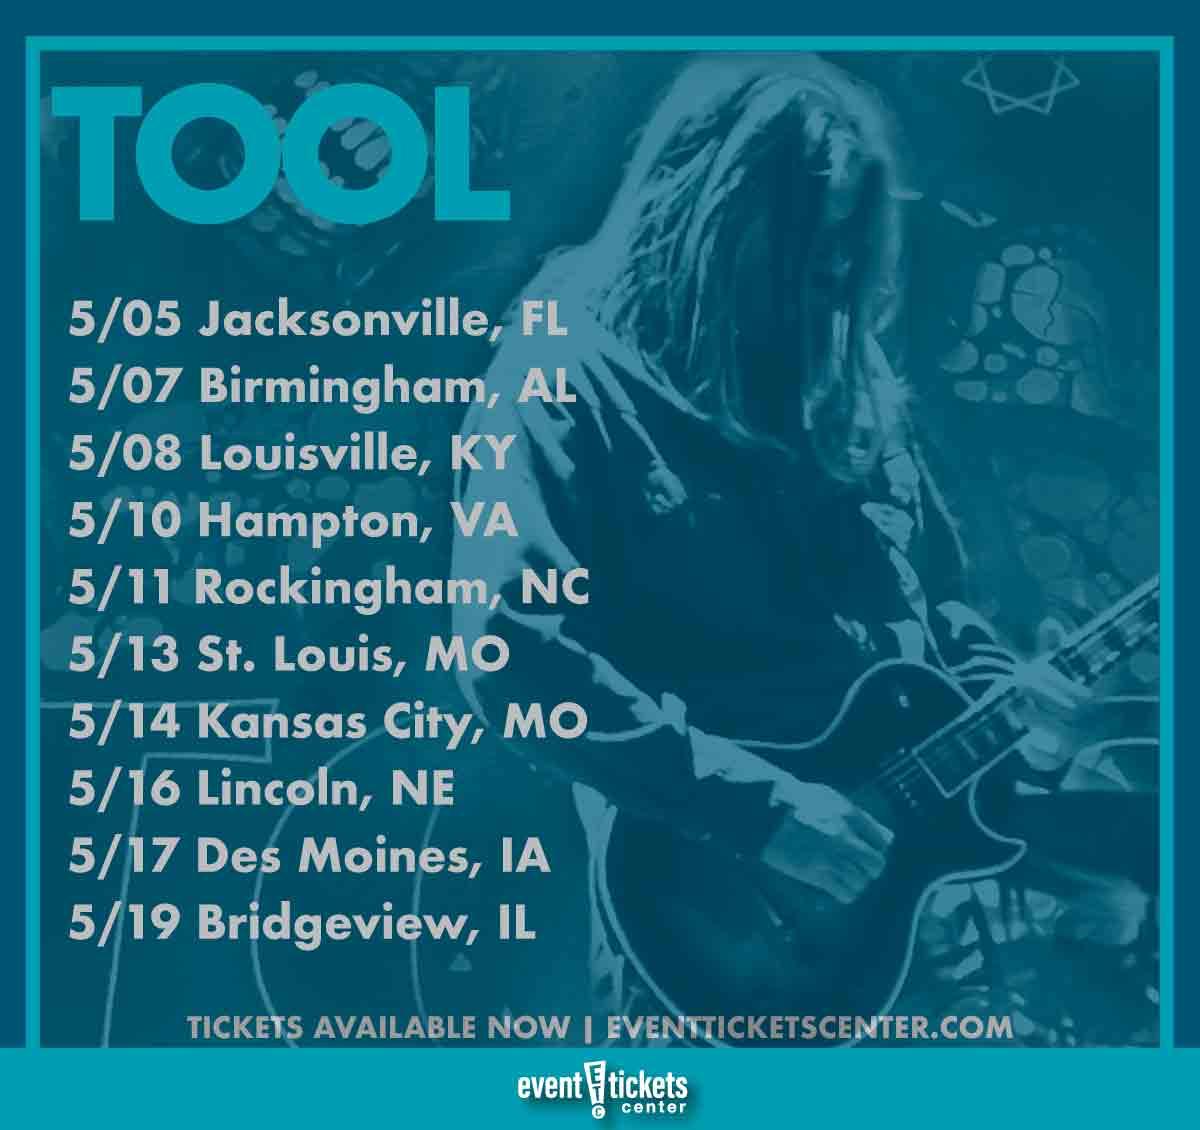 tool tour dates